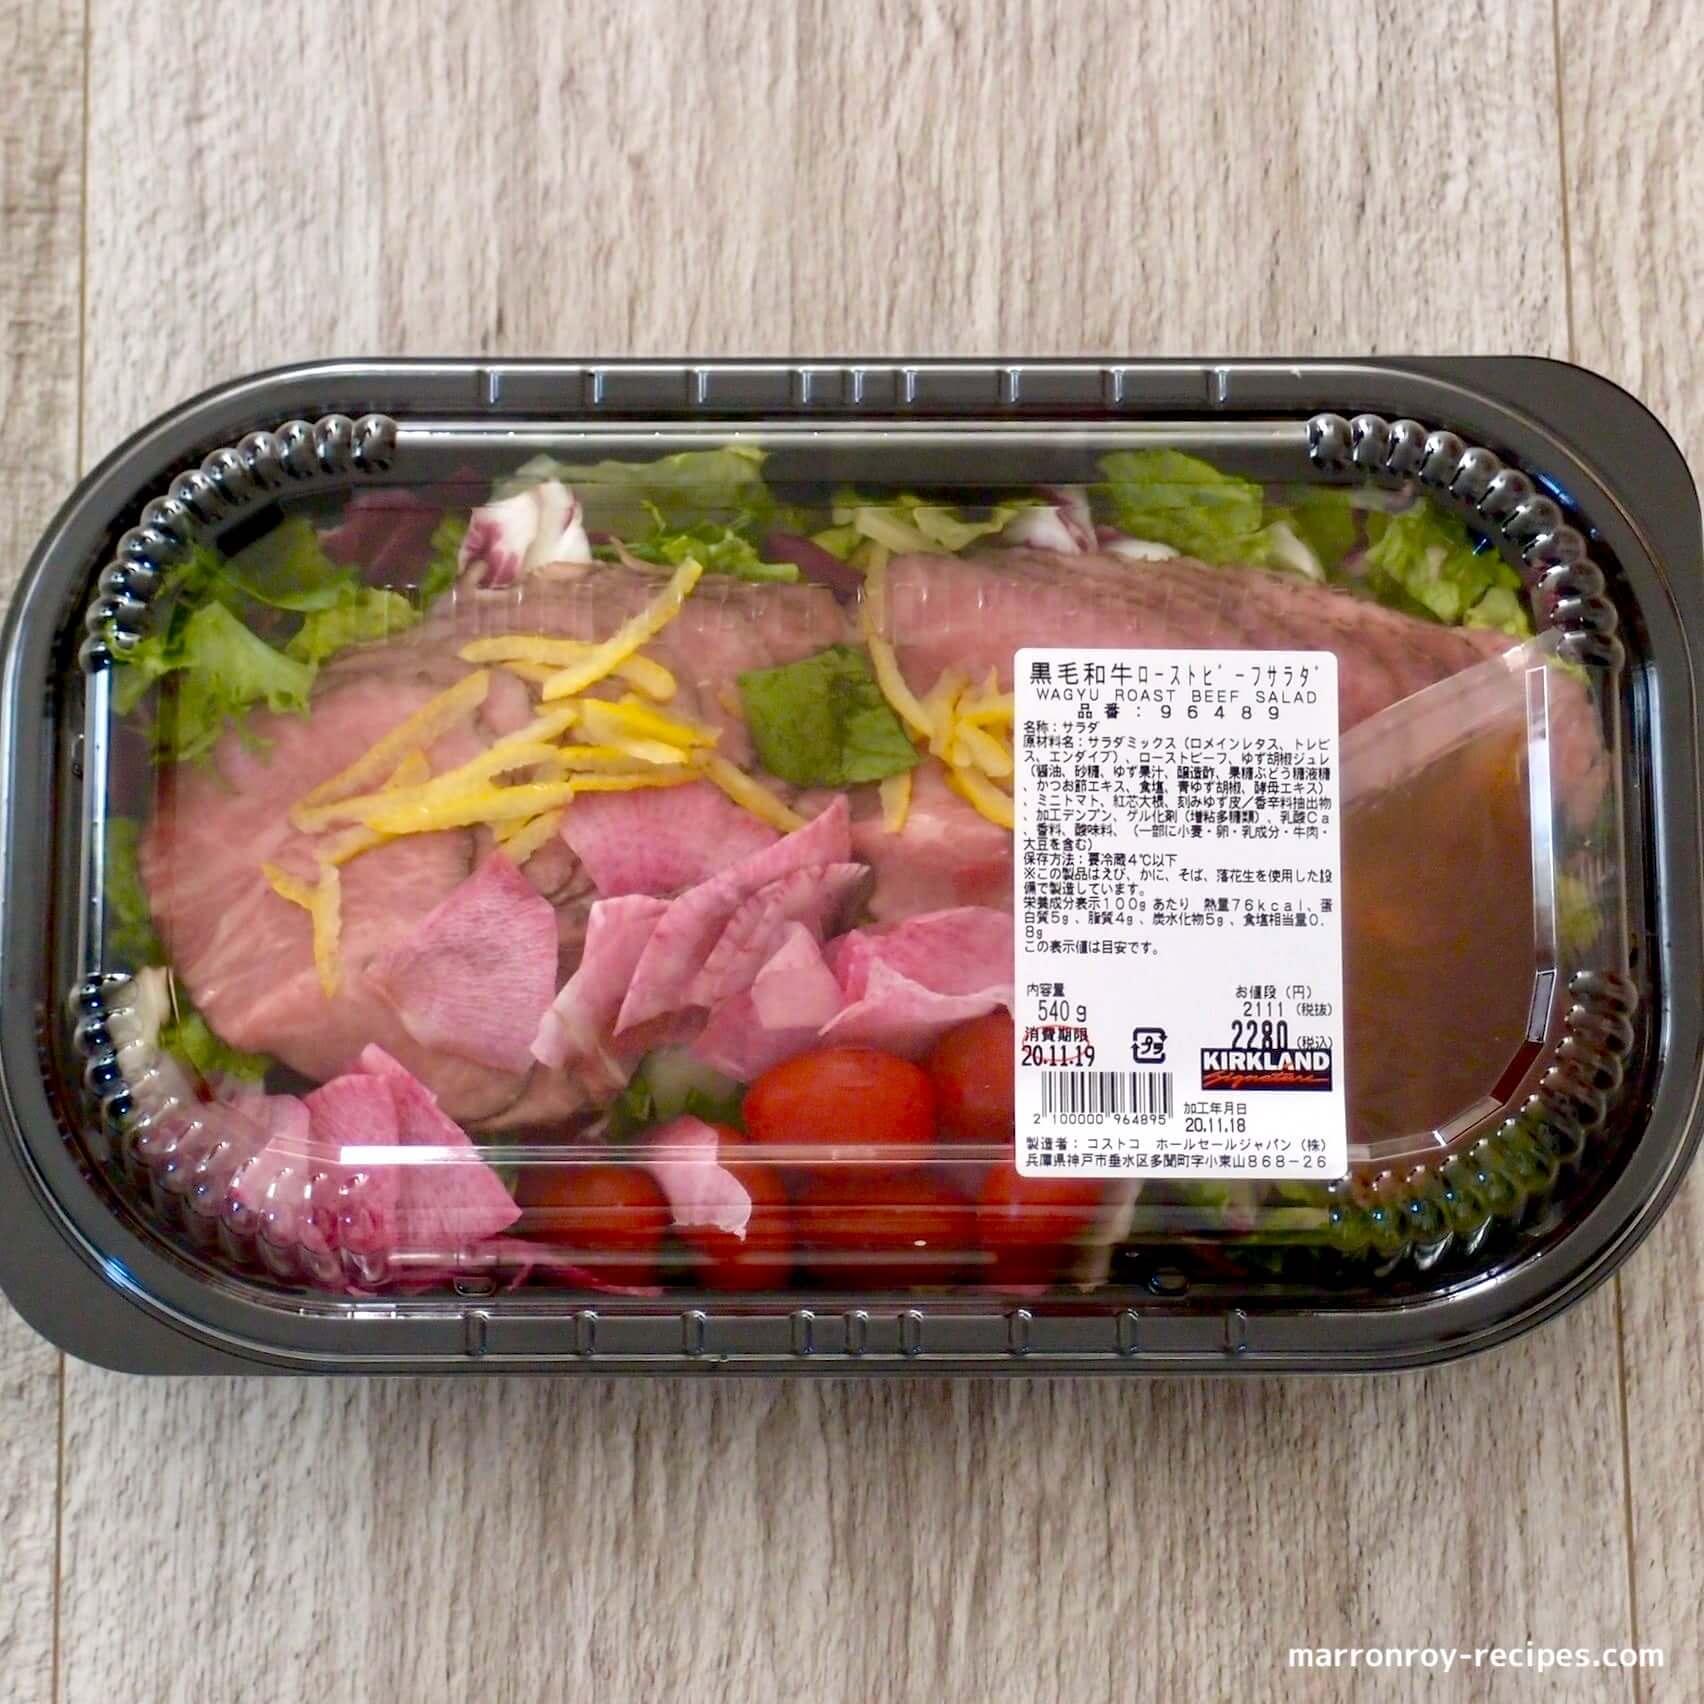 """コストコ新商品!クリスマスらしいサラダが今年も登場!""""黒毛和牛ローストビーフサラダ"""""""